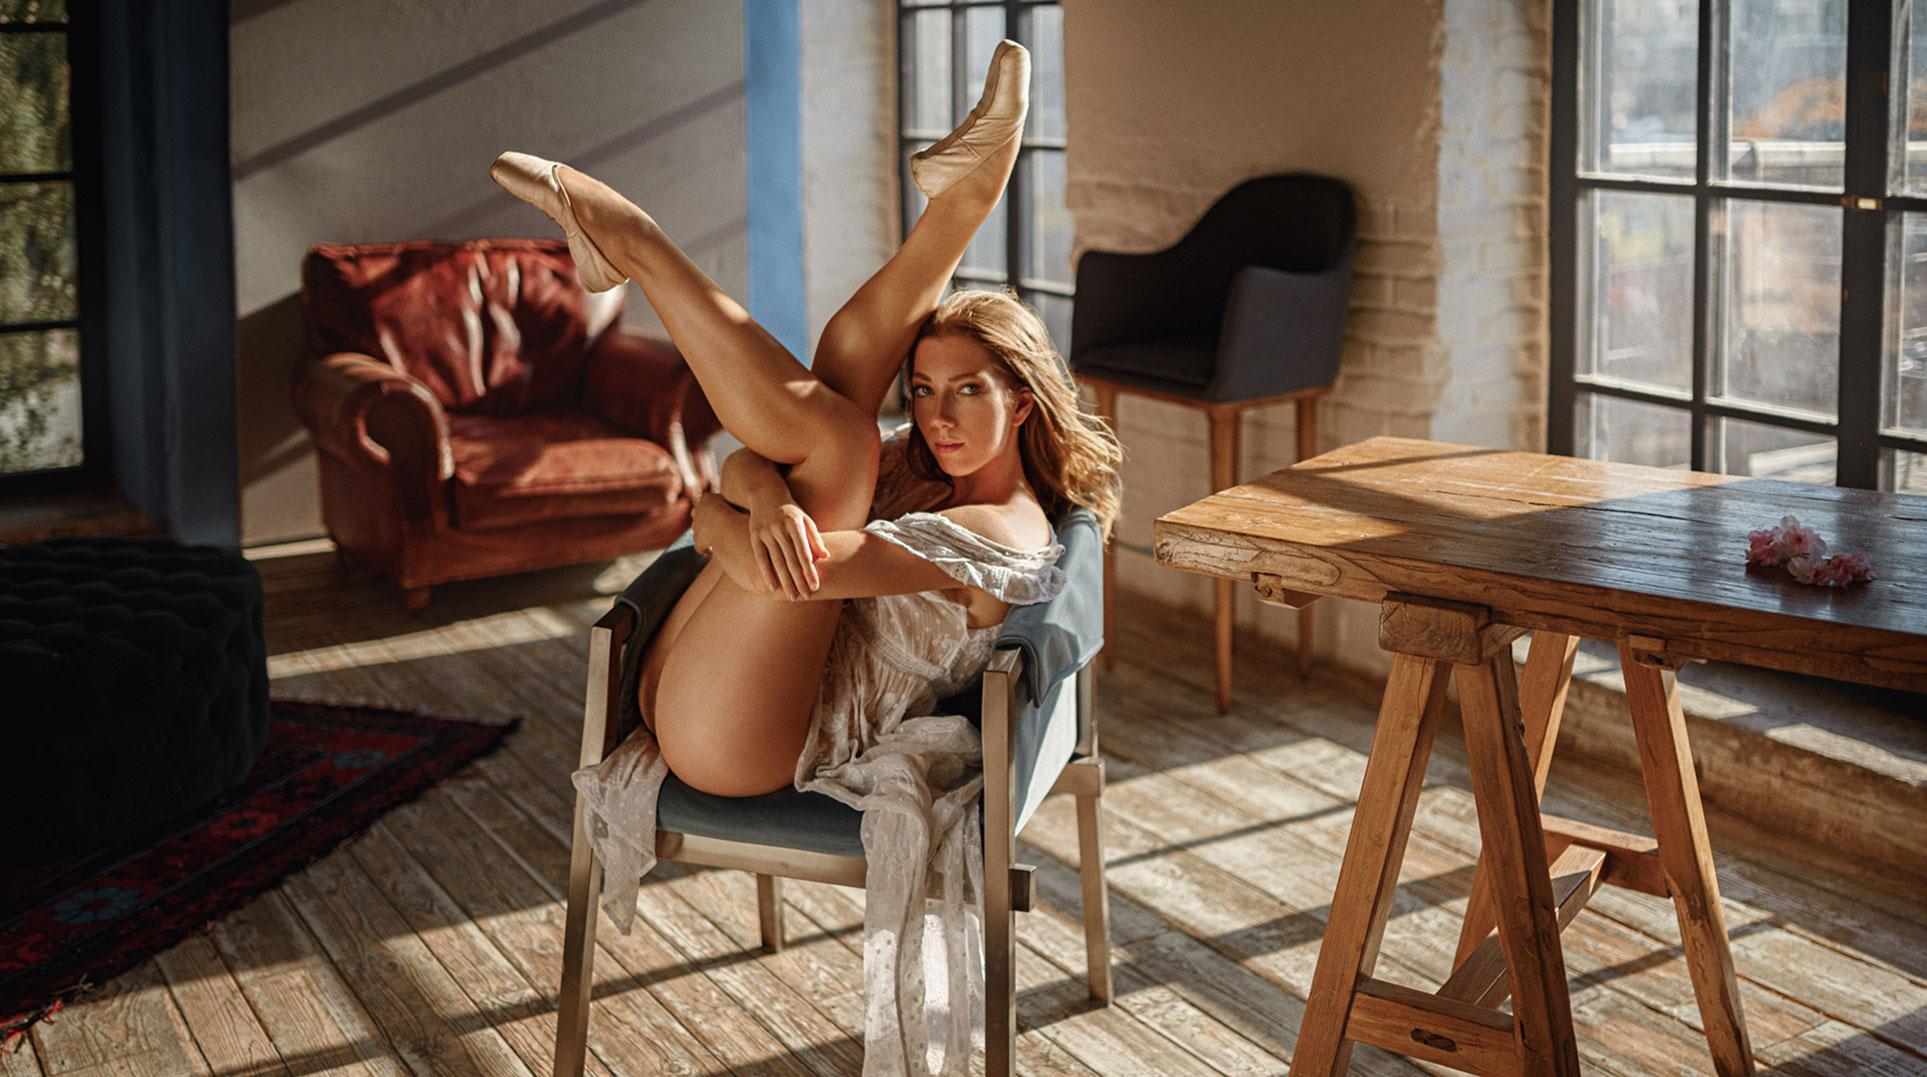 Балерина Анна танцуета сексуальный танец / фото 02